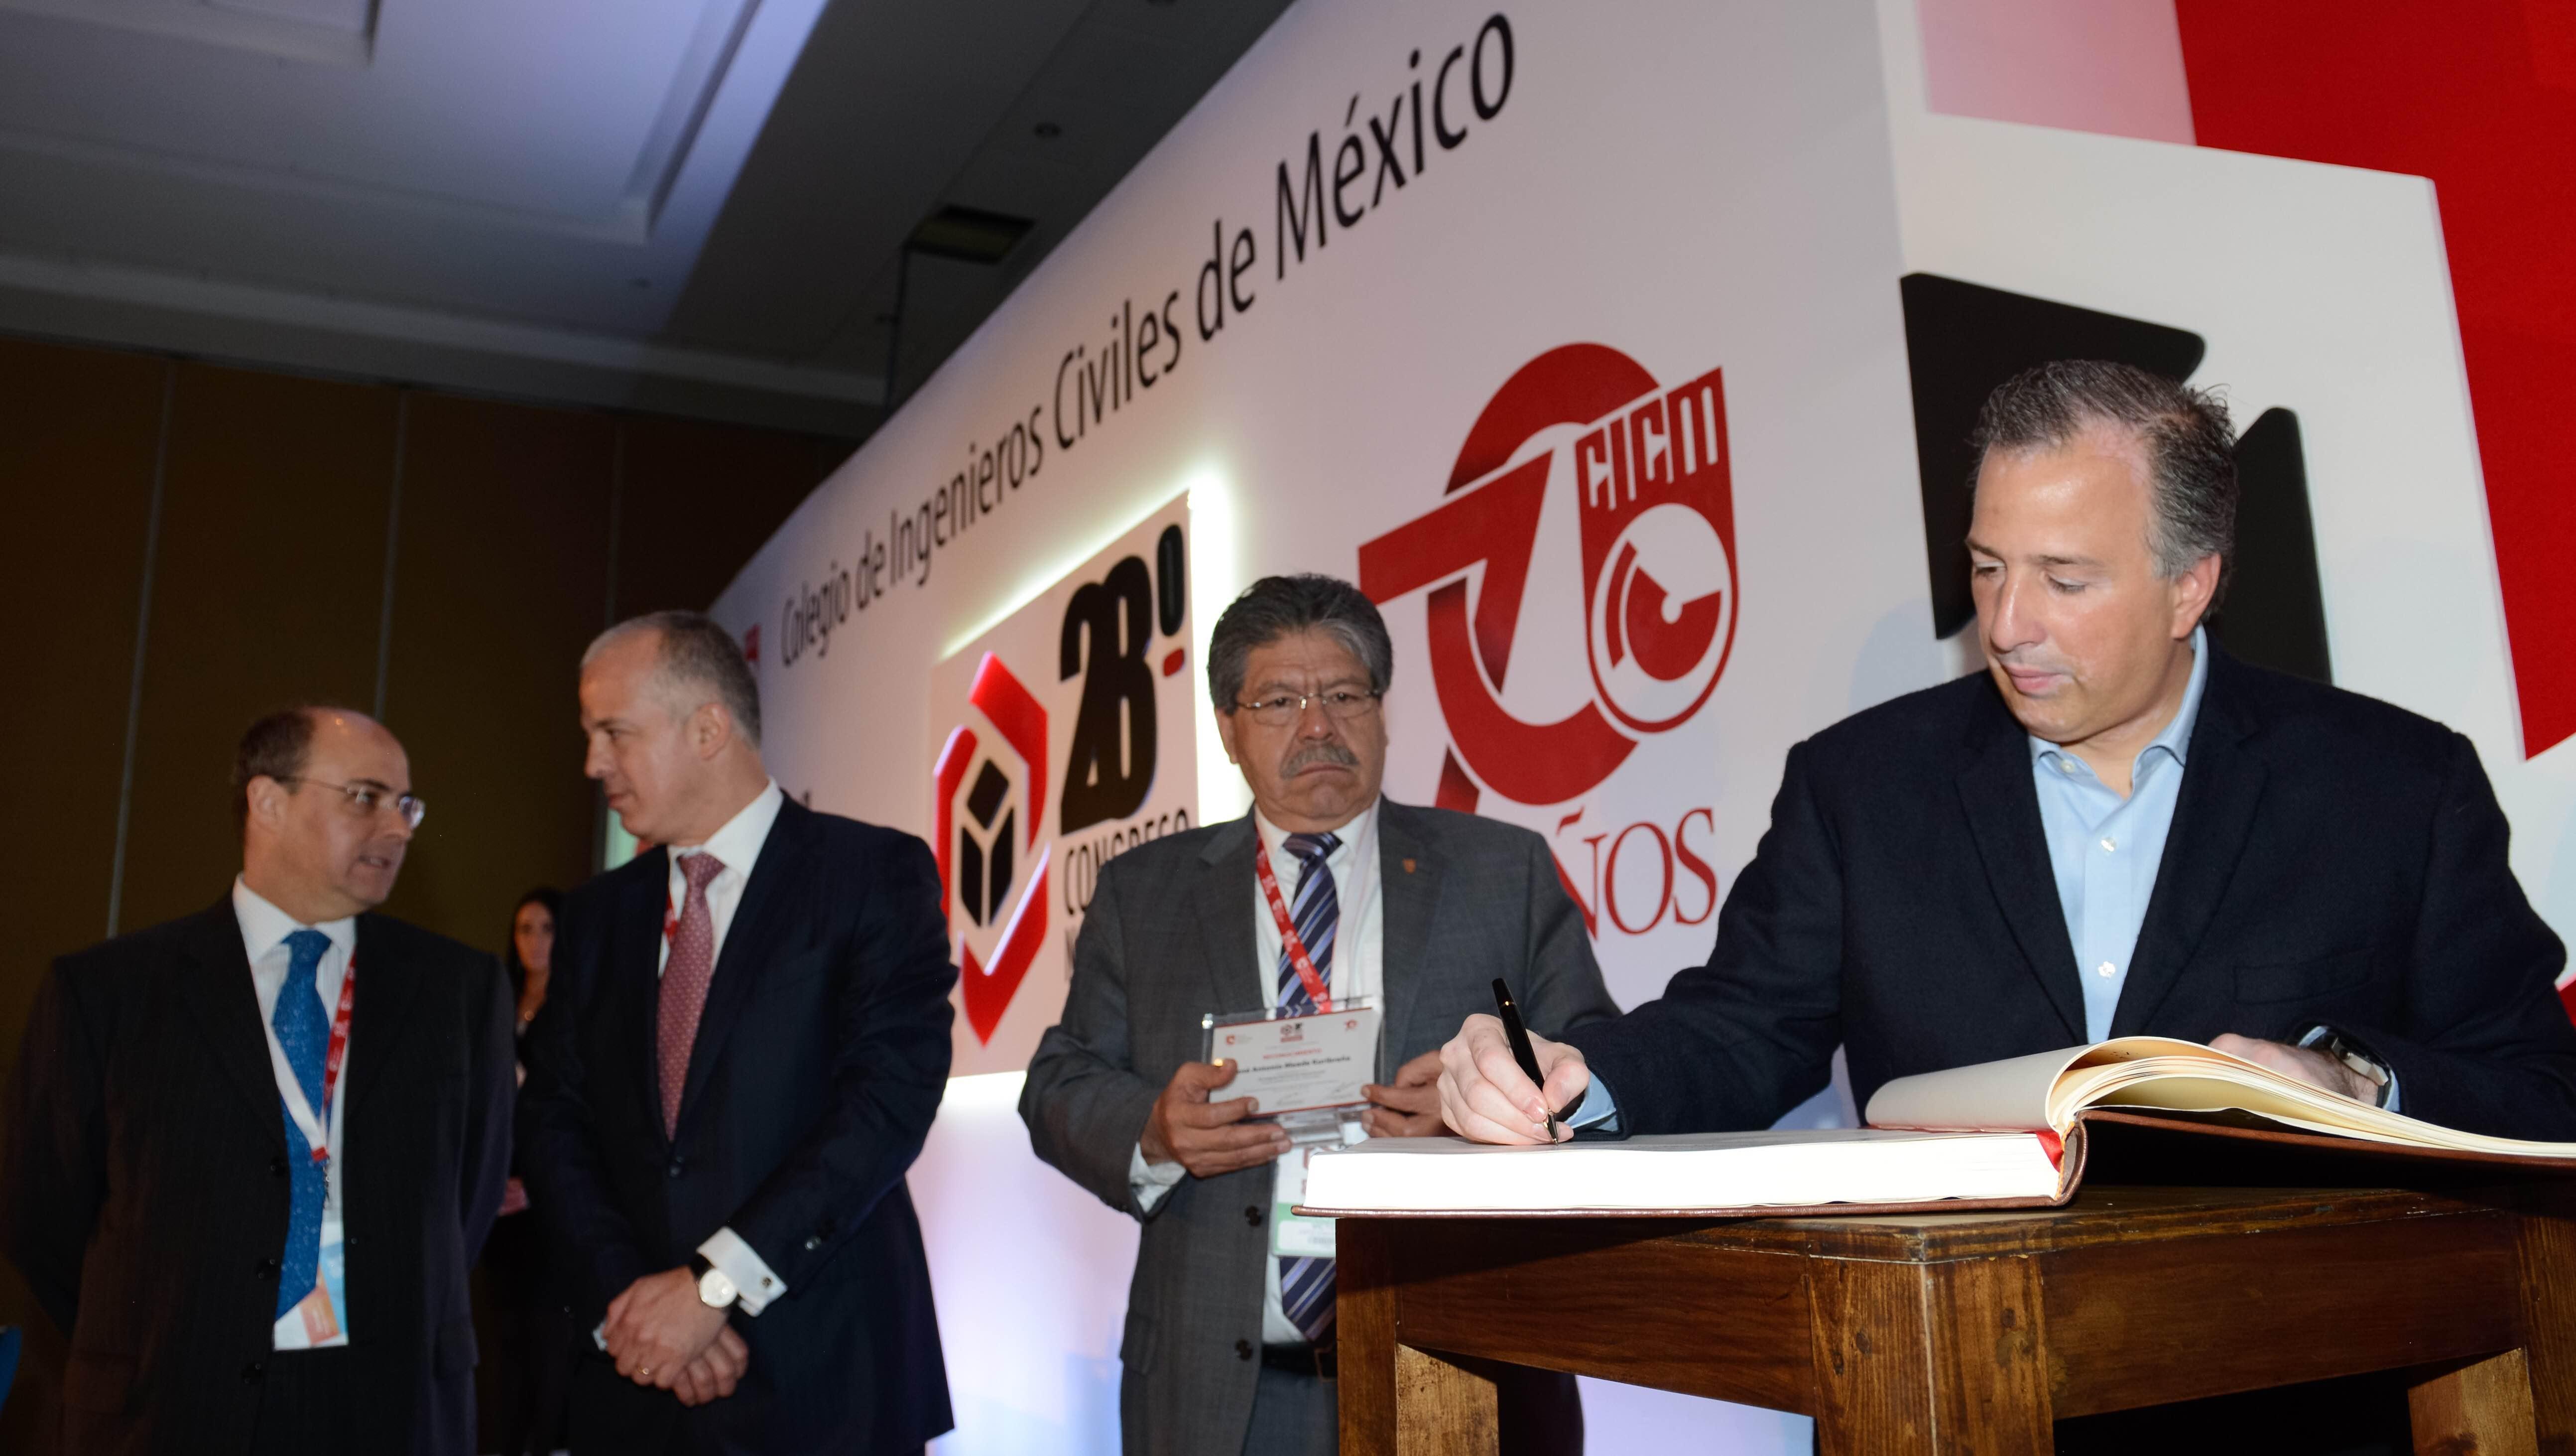 El secretario de Desarrollo Social en su participación en el 28° Congreso Nacional del Colegio de Ingenieros Civiles de México